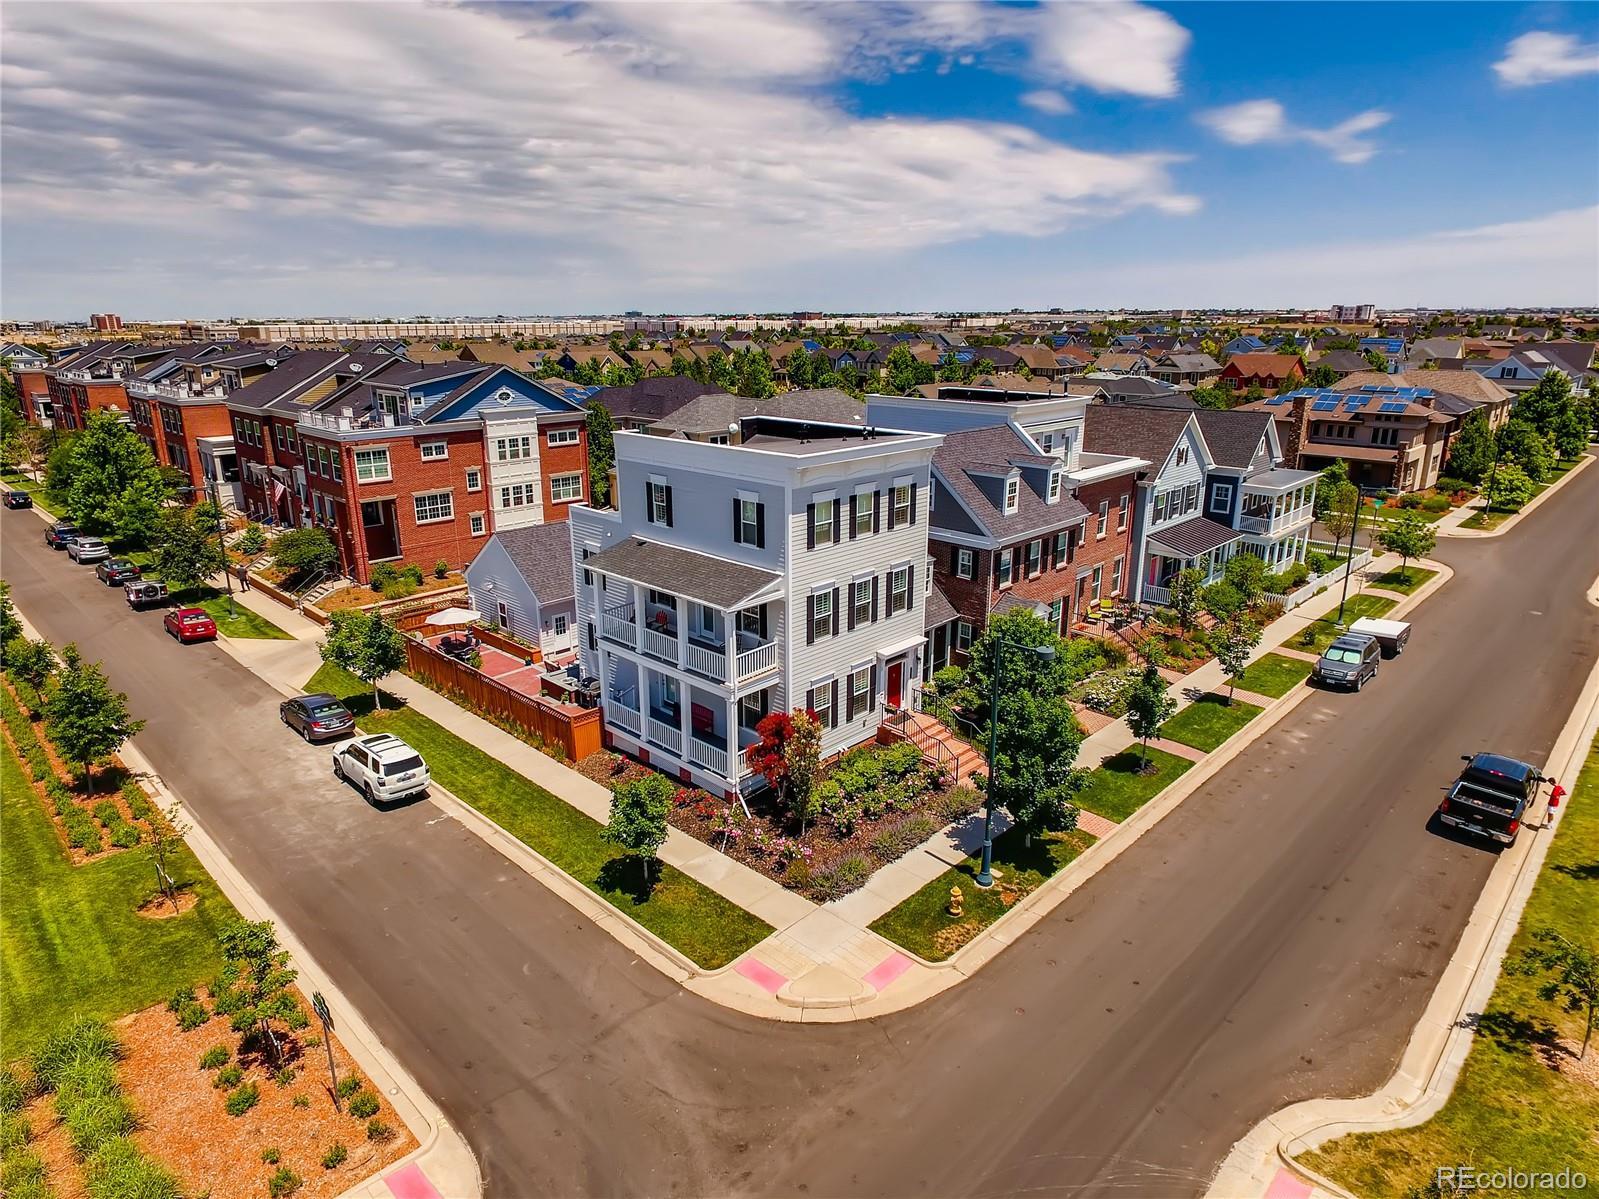 MLS# 6973622 - 4 - 3302 Xenia Street, Denver, CO 80238